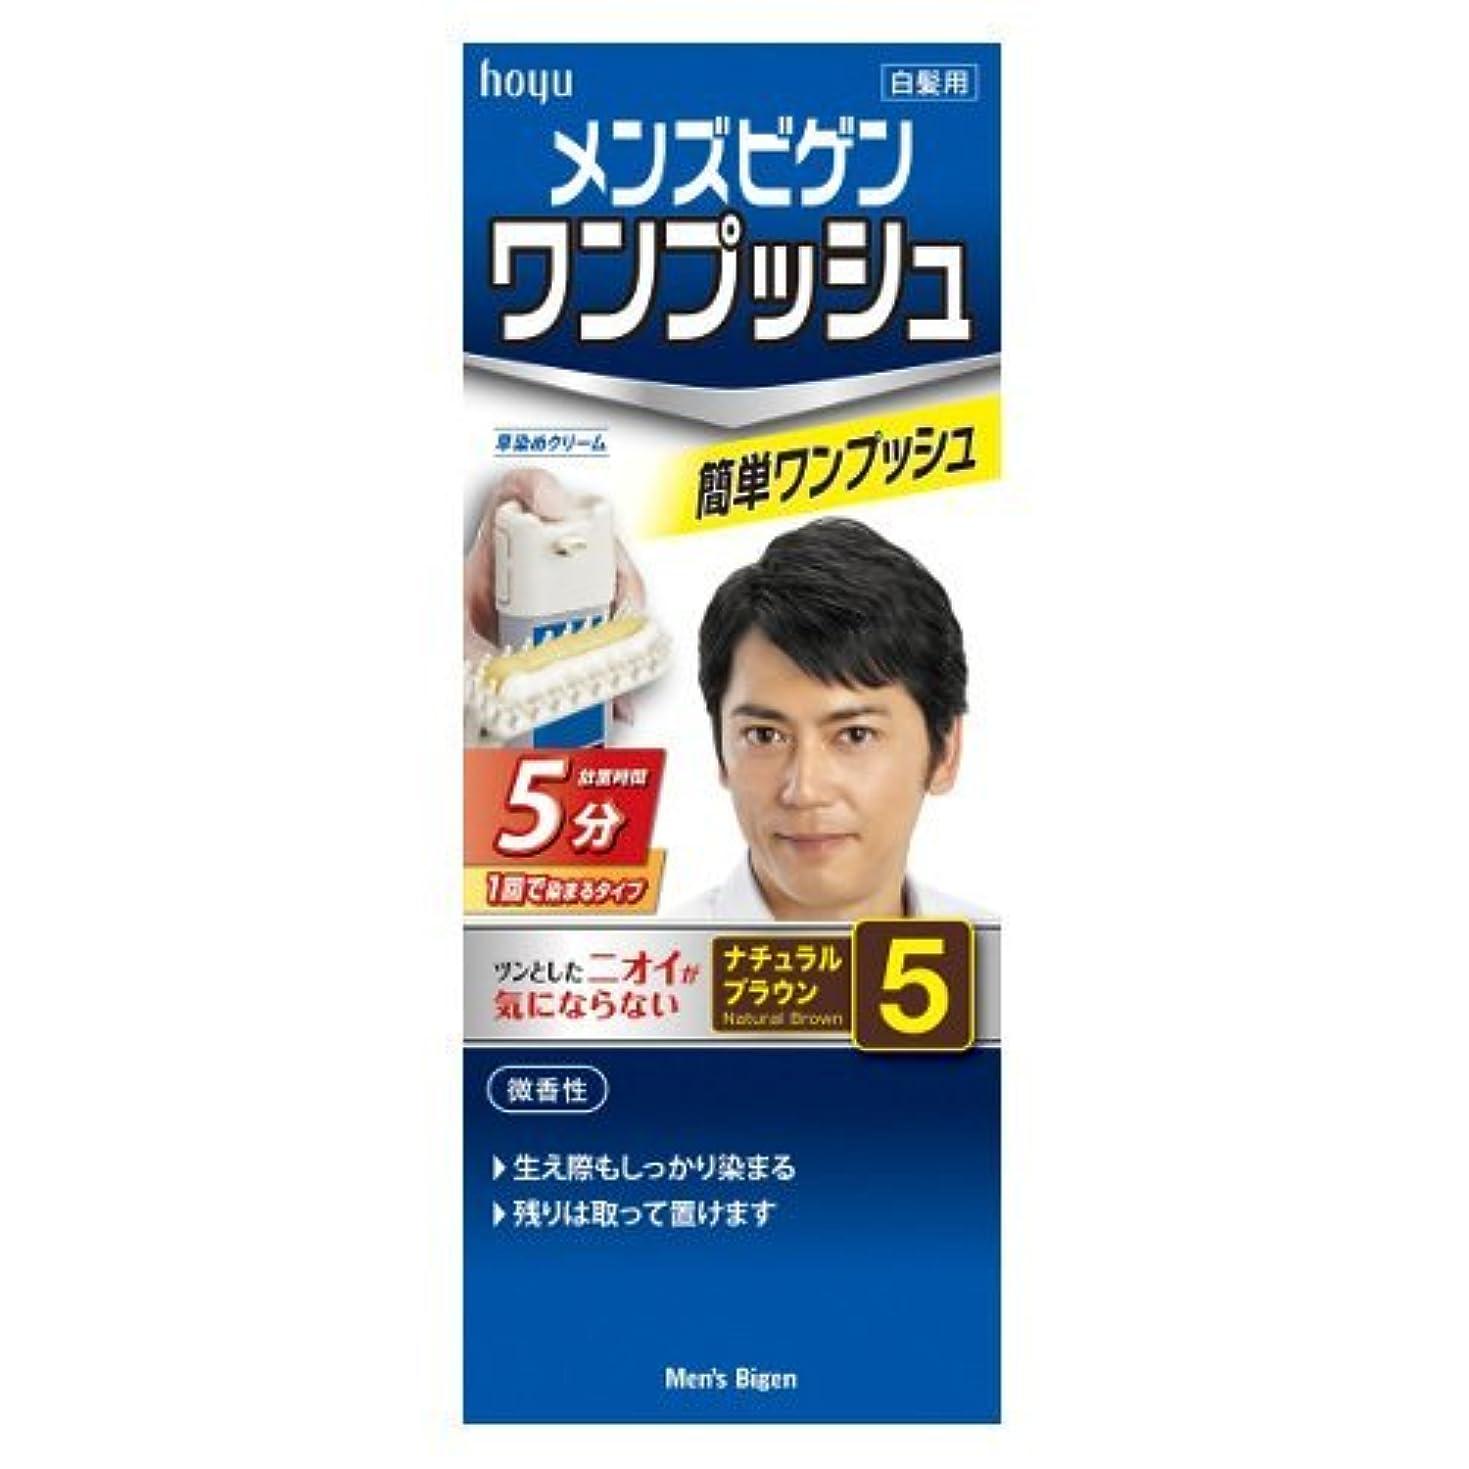 受け入れる強大な才能のあるメンズビゲン ワンプッシュ 5 ナチュラルブラウン 40g+40g[医薬部外品]